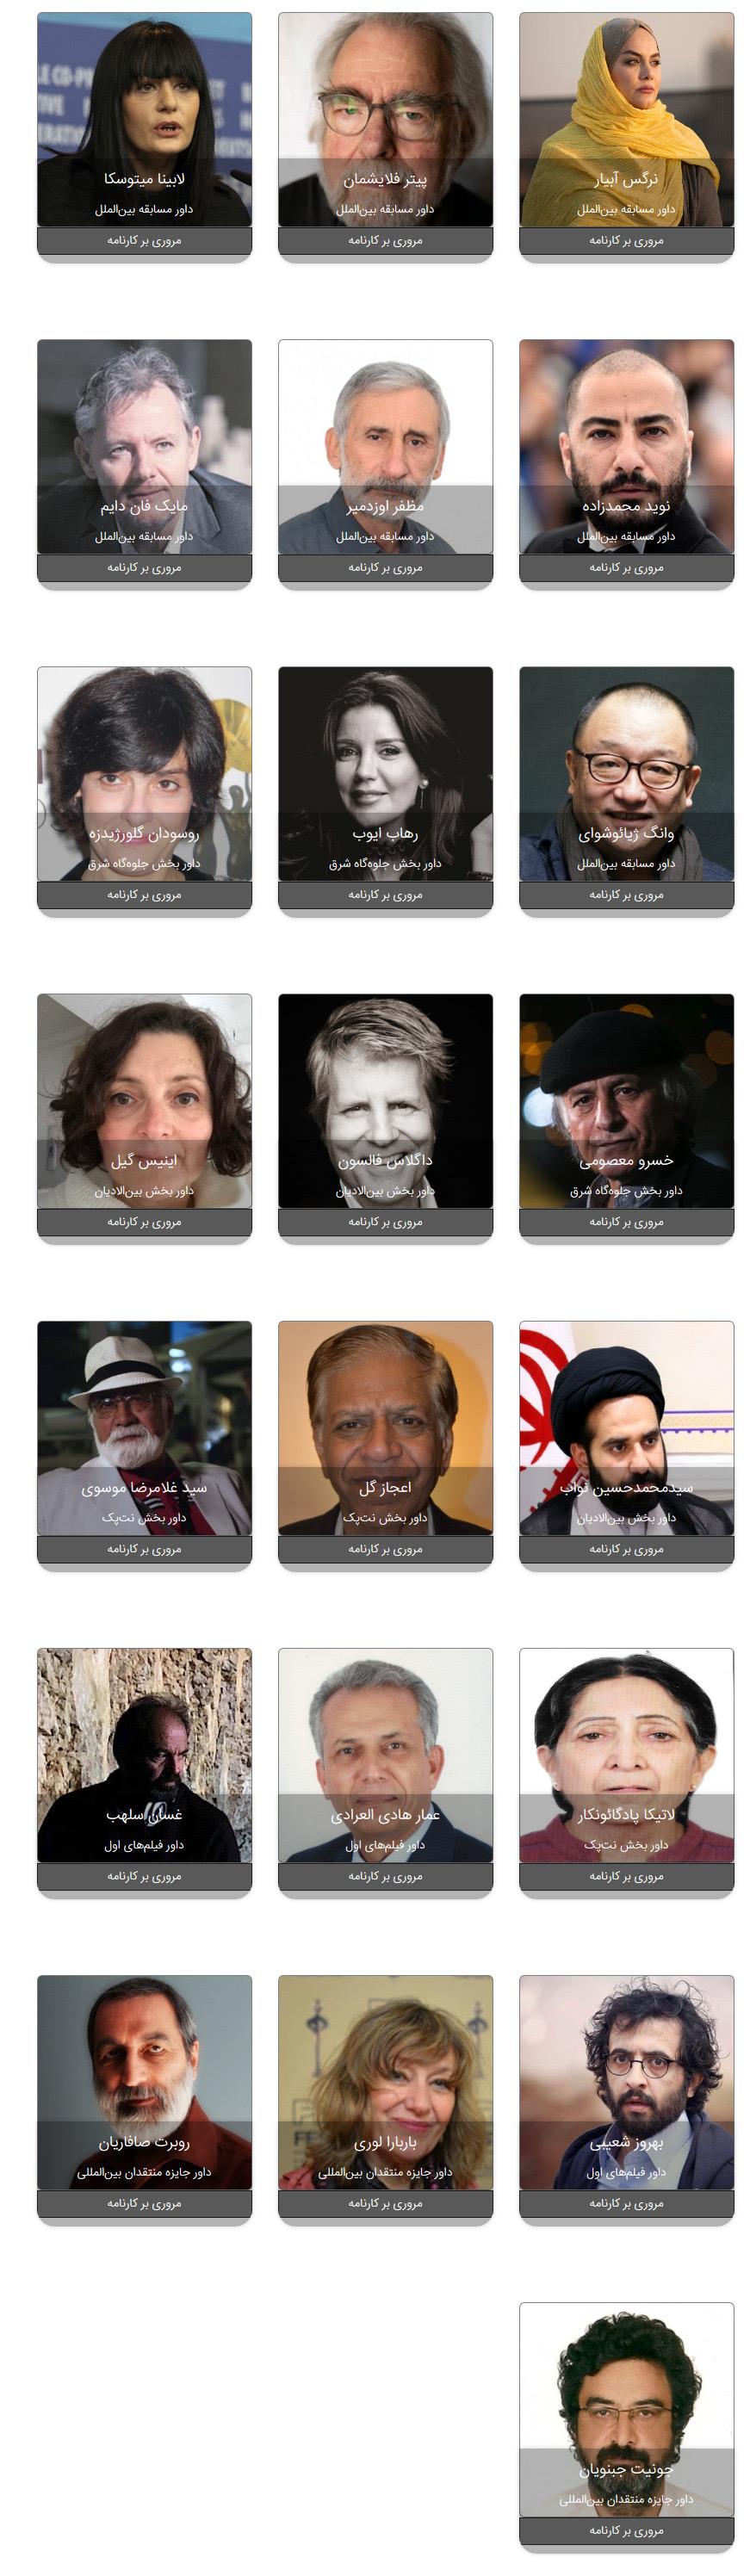 , داوران سی و هفتمین جشنواره جهانی فیلم فجر, اخبار هنری, اخبار هنری